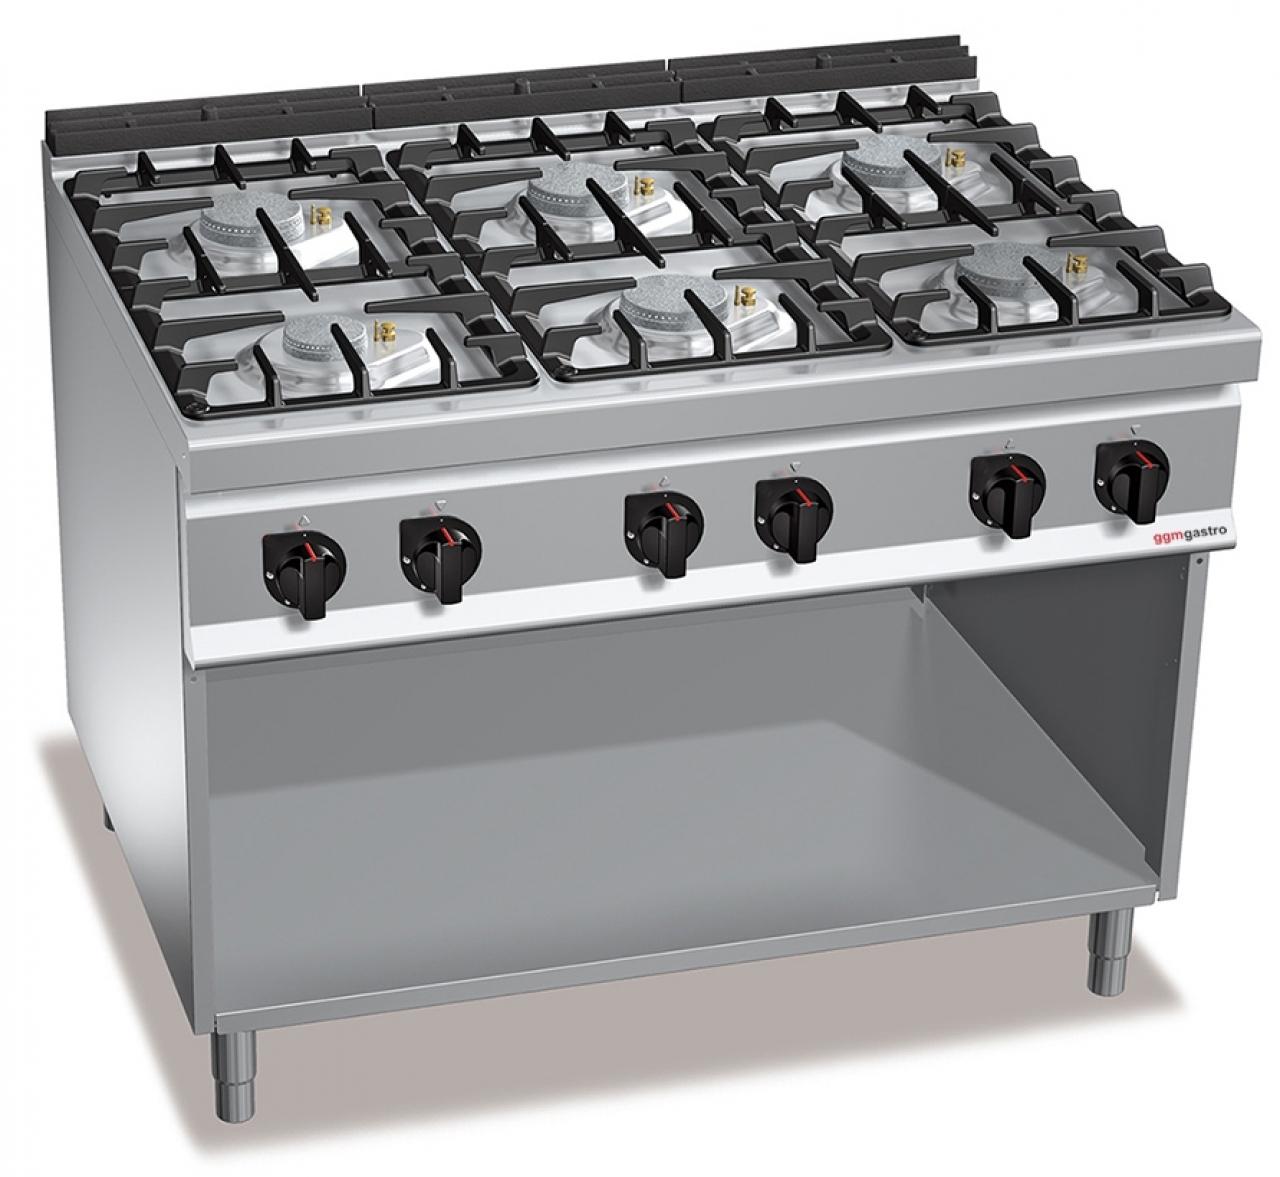 Gas stove 6x burners 48 kW